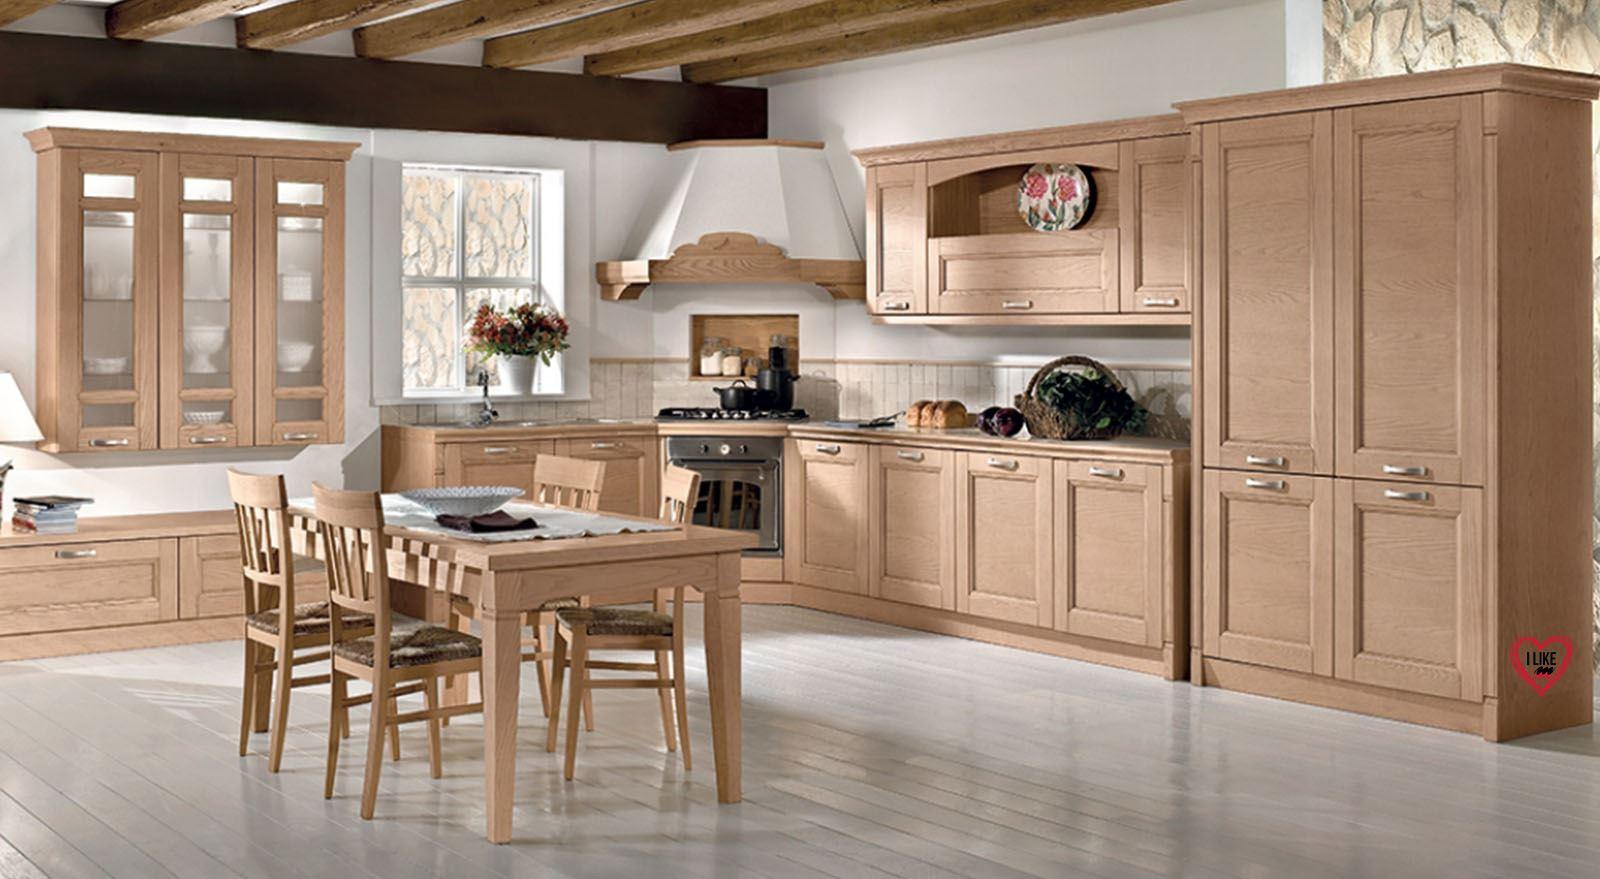 Cucine classiche in legno a padova for Saldi mobili 2016